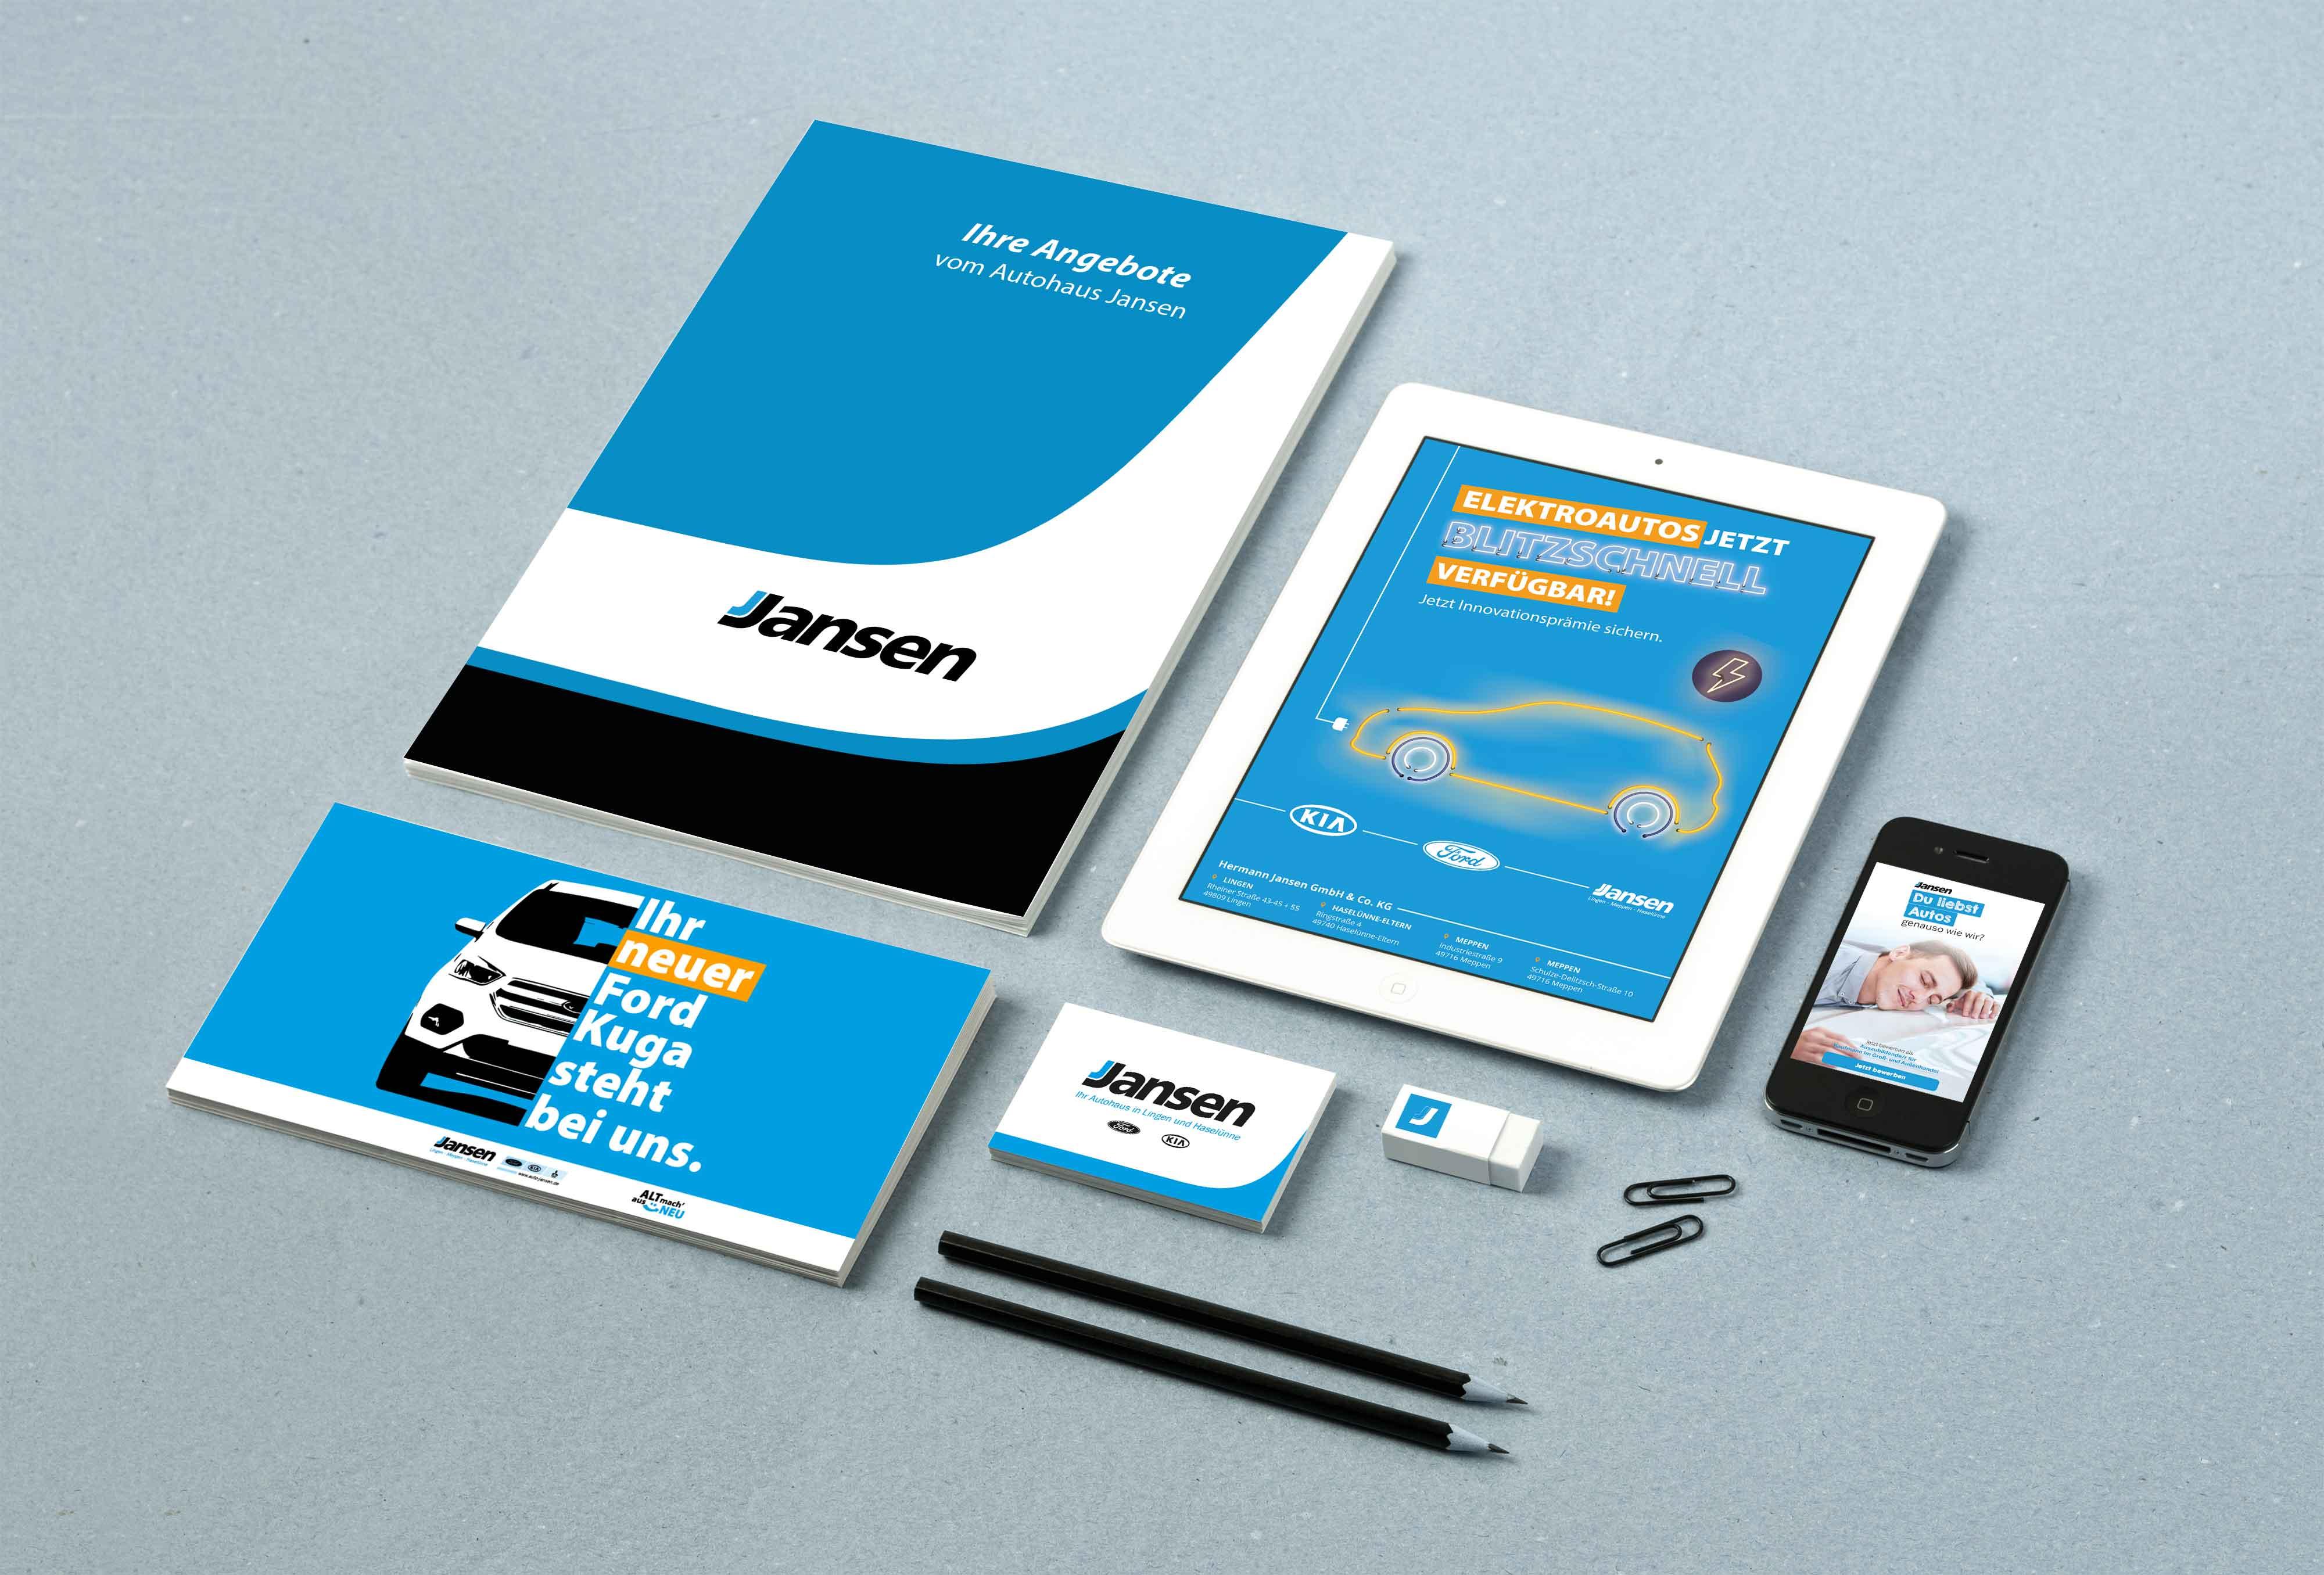 Referenz wird auf Prospekten und in einem Tablet dargestellt.